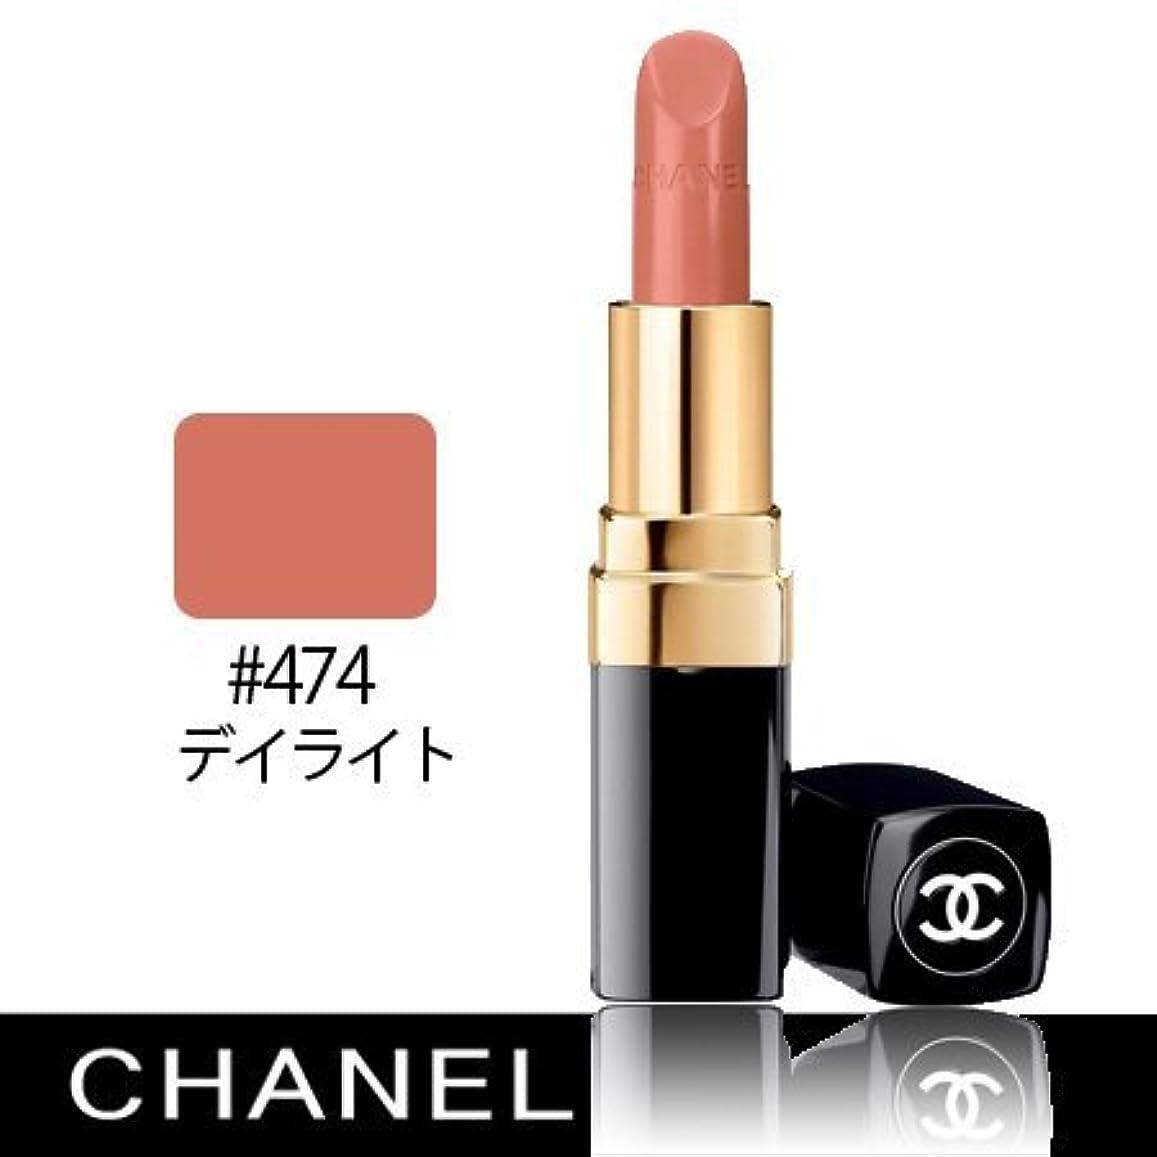 読書研究所行列シャネル ルージュ ココ #474 -CHANEL-